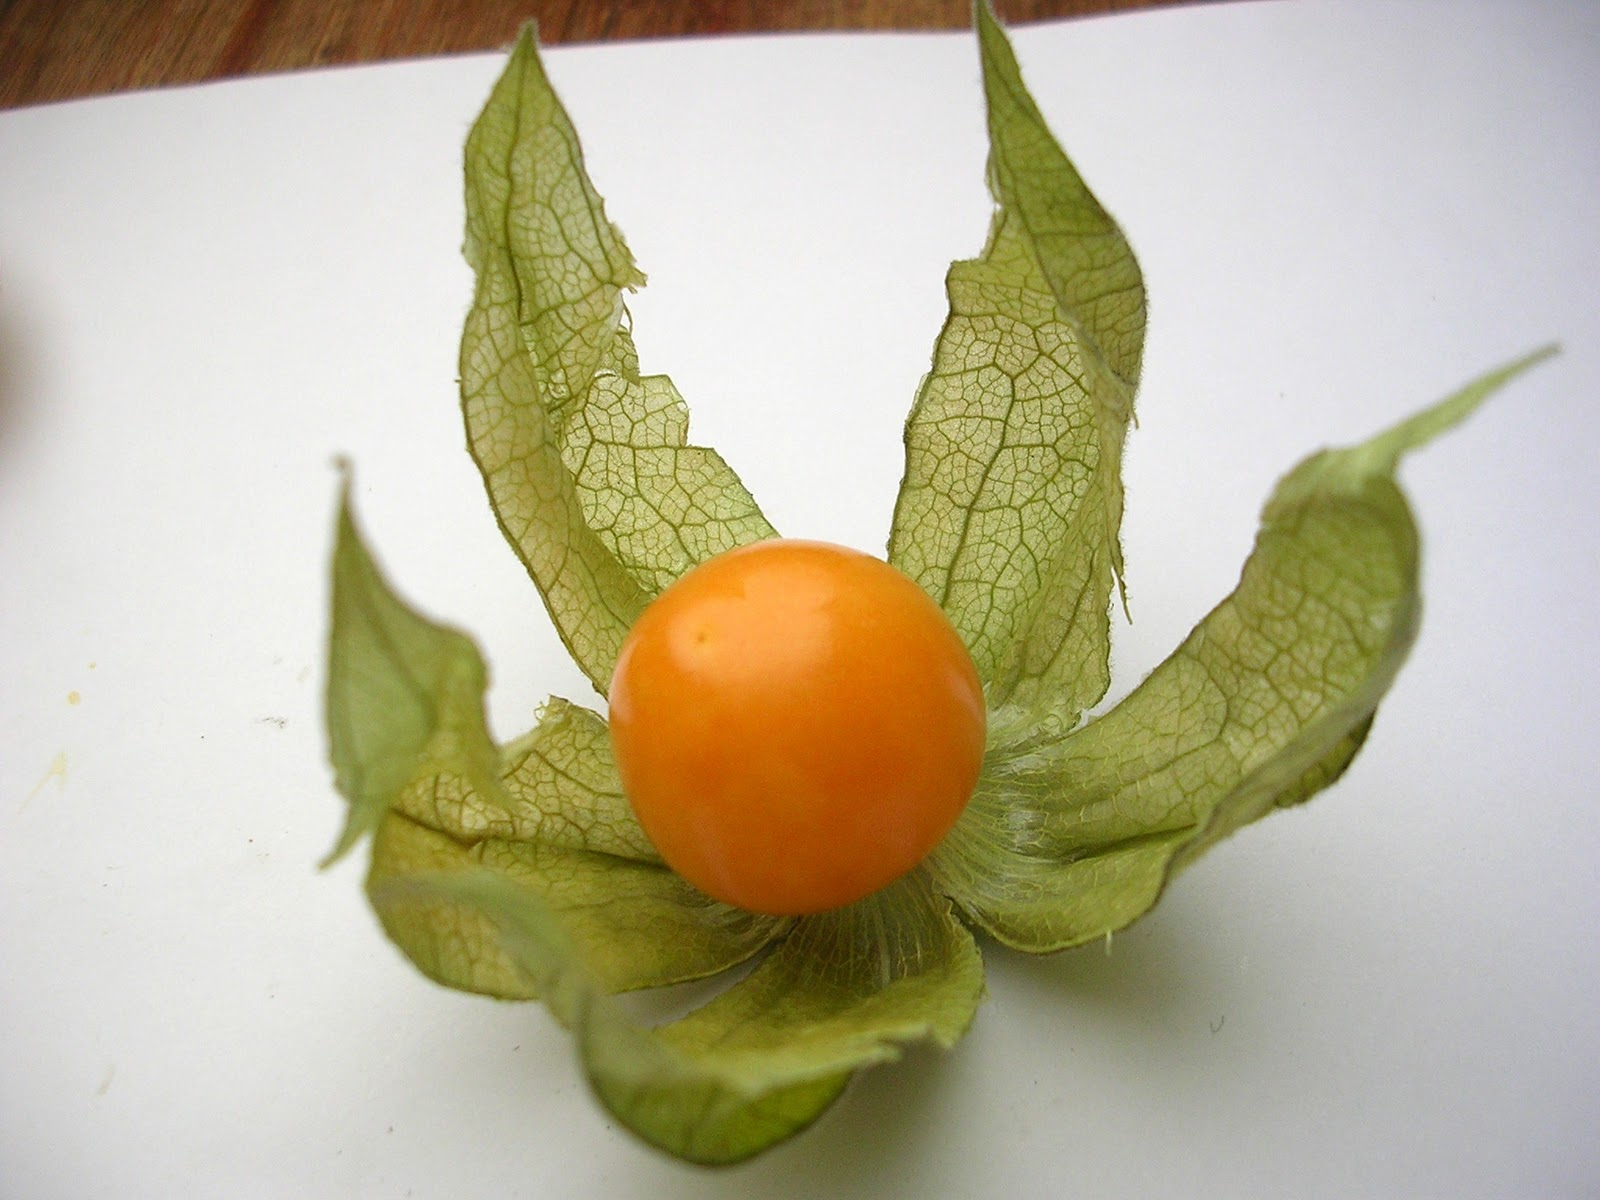 cox orange s